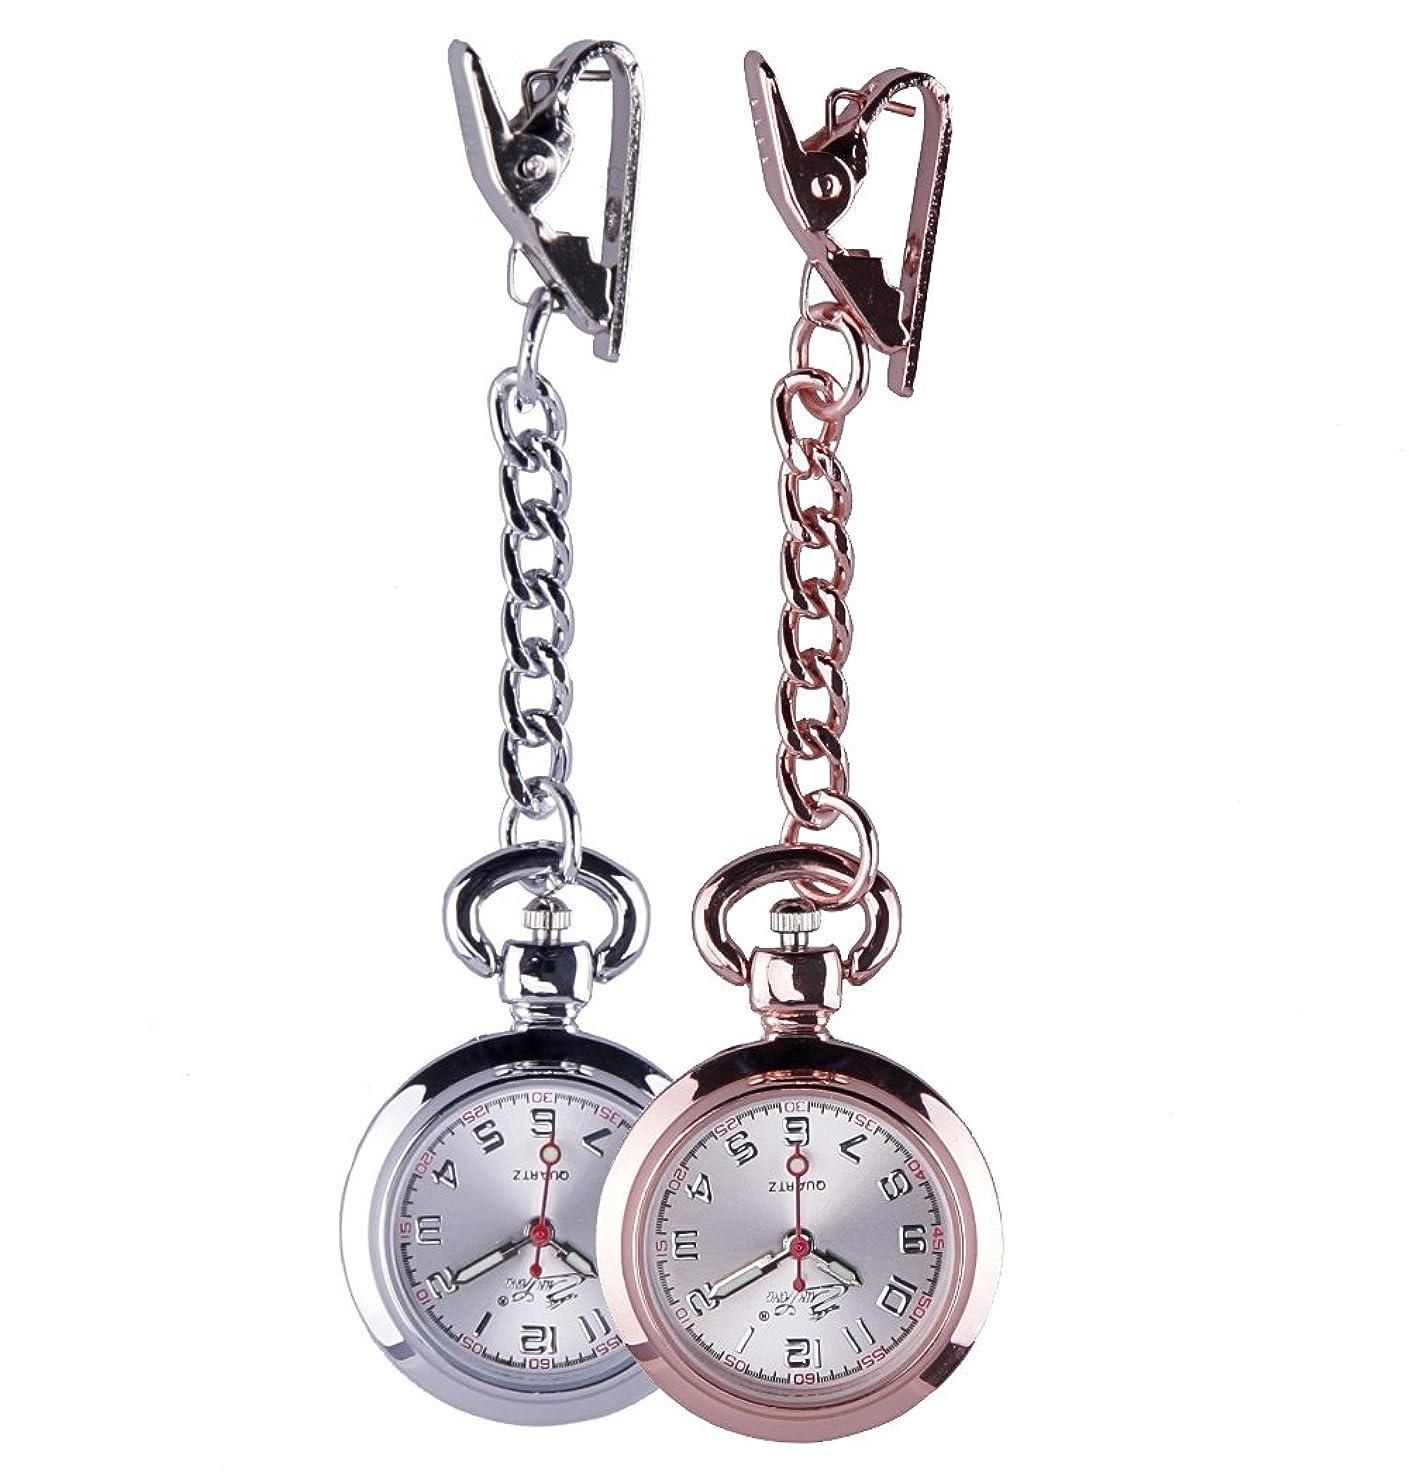 またはどちらか柔和ファンドナースウォッチ  かわいい時計 懐中時計 逆さ文字盤 桜  クリップ式 ピンク